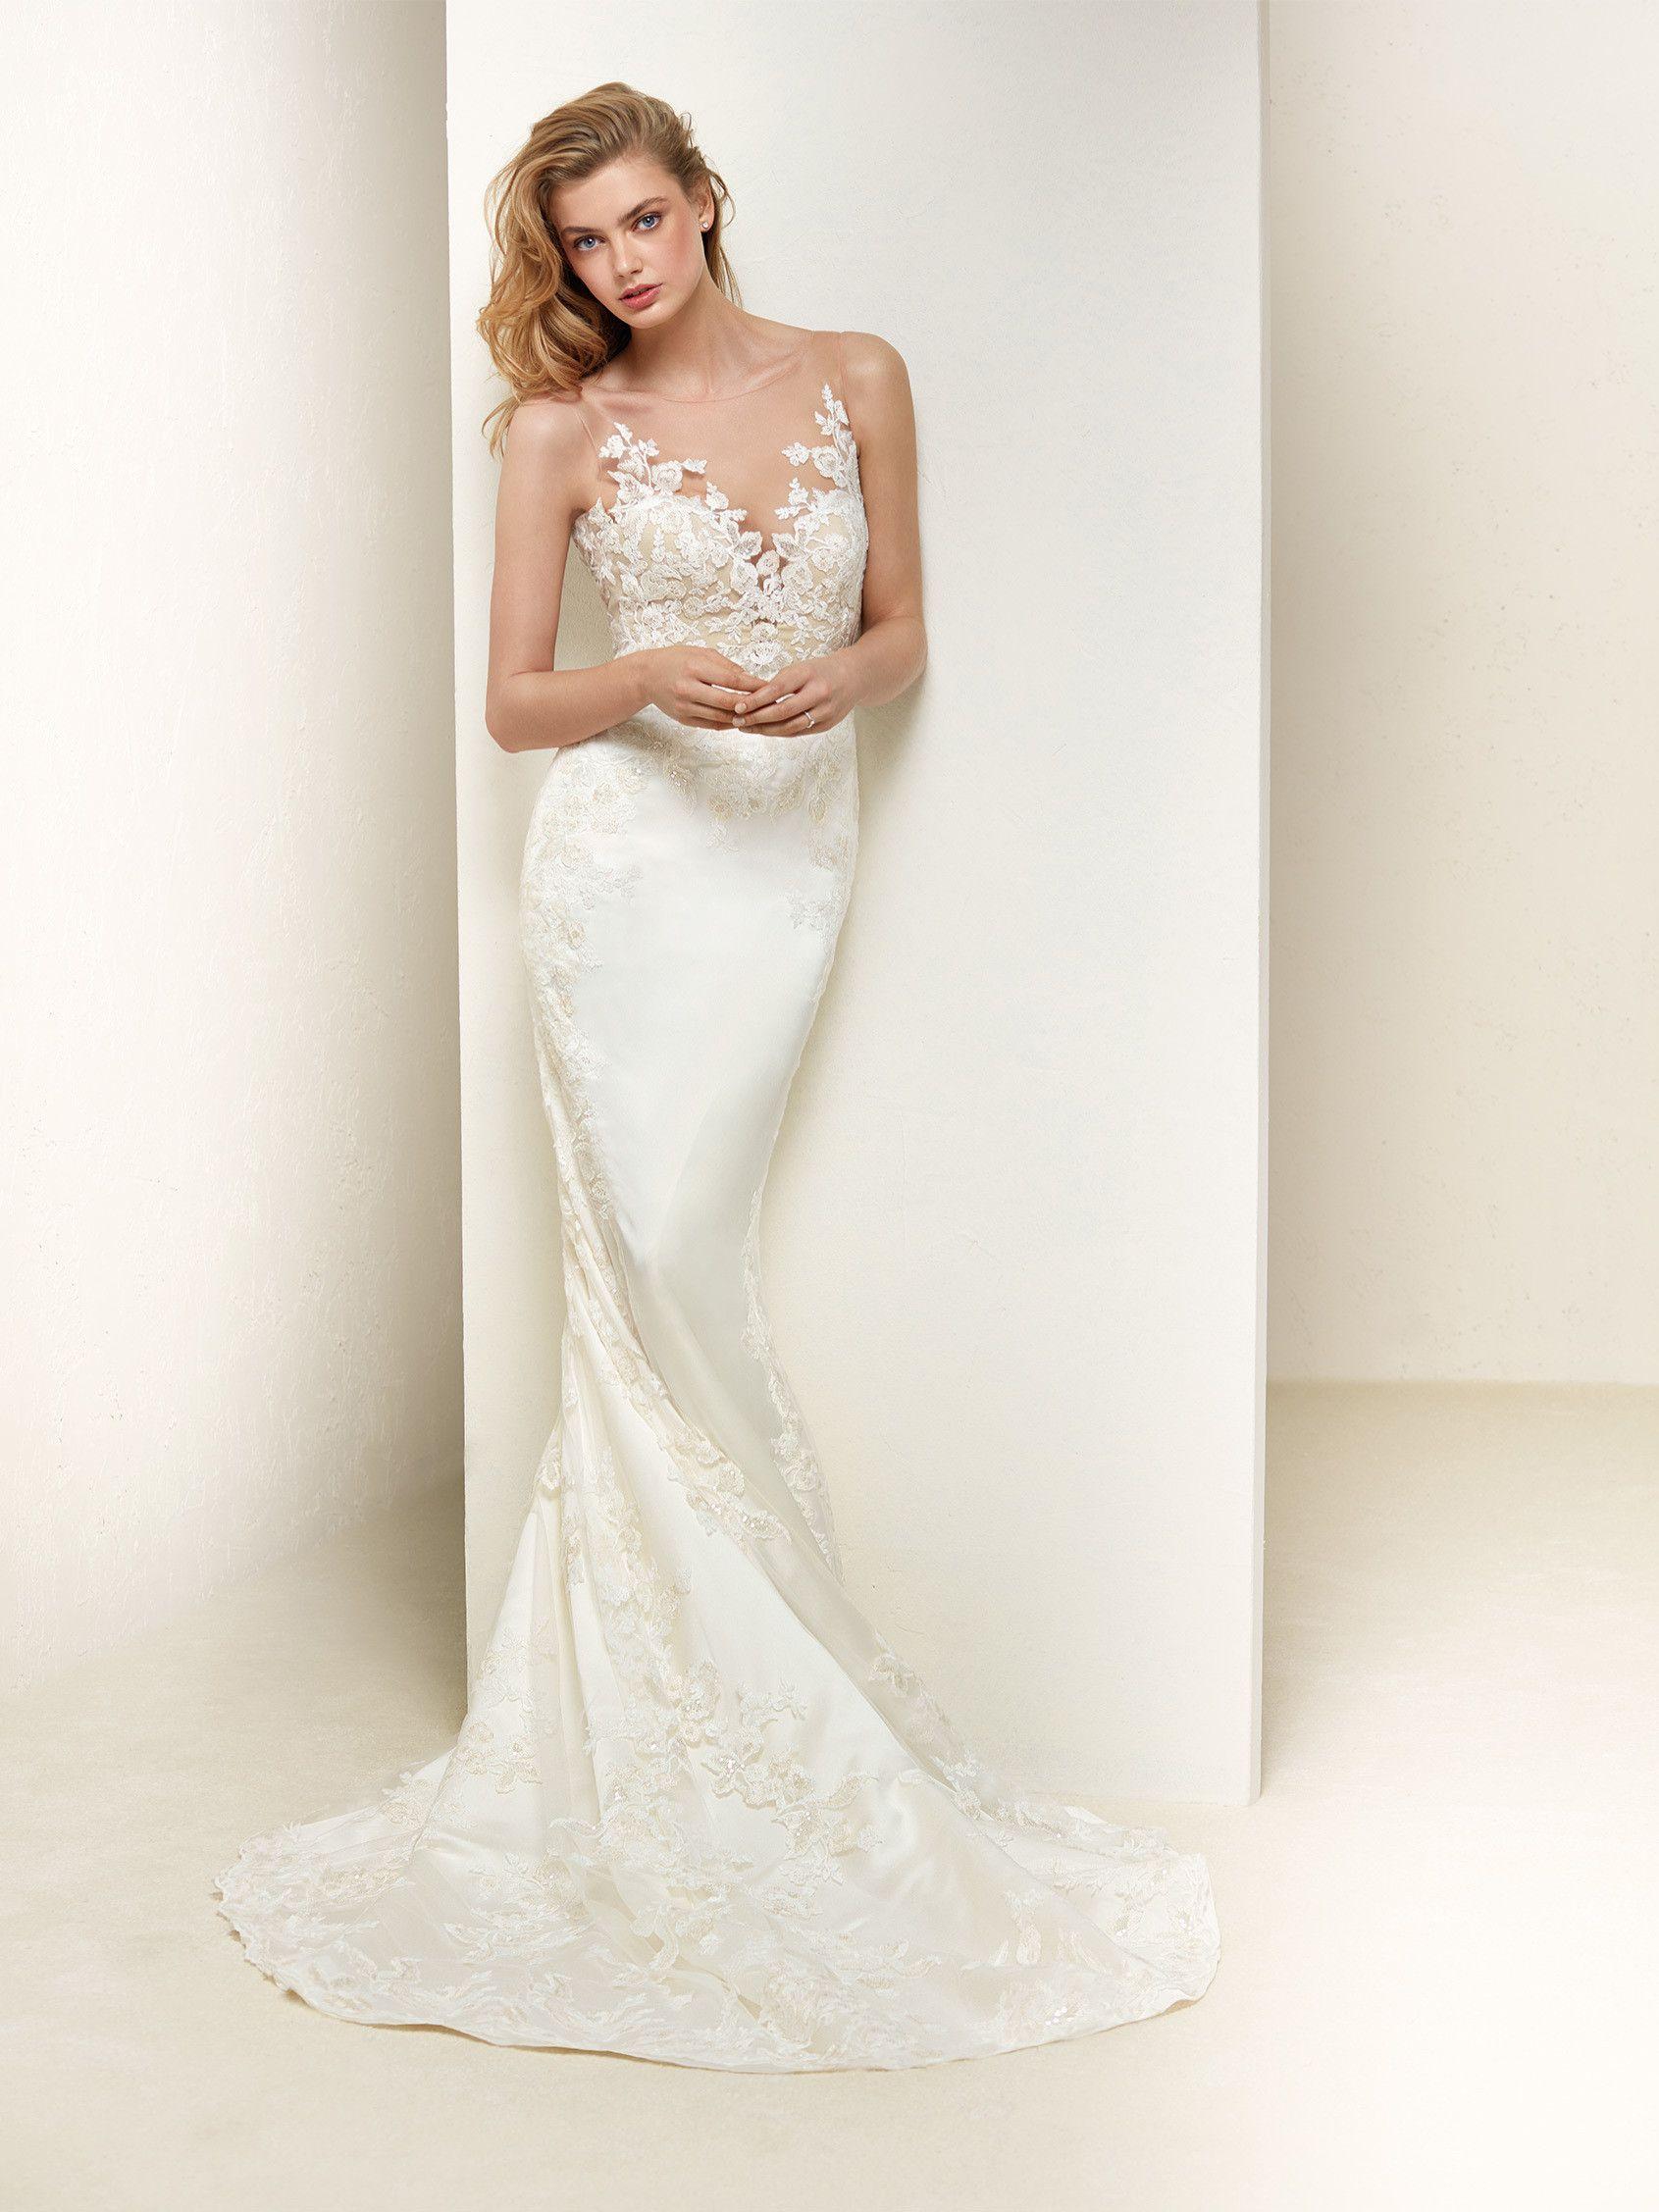 Mermaid wedding dress gemstones dress pinterest mermaid